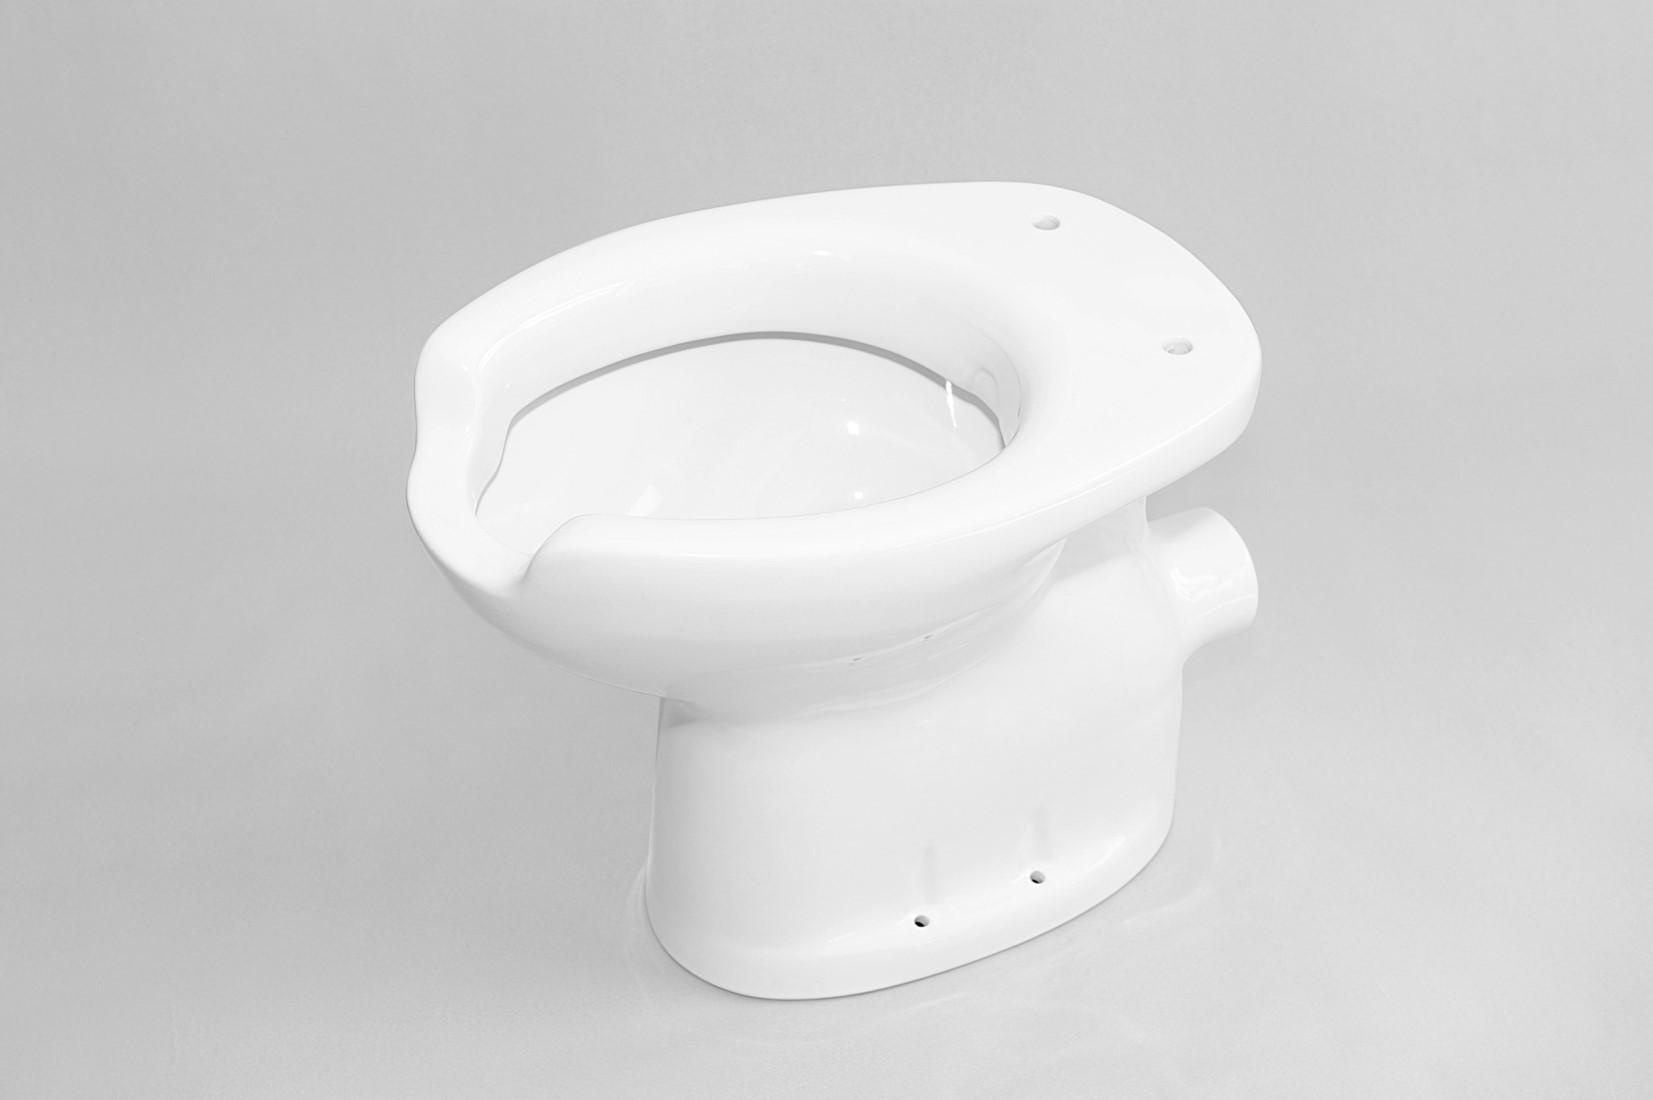 Met gemak kleuren kiezen voor je toilet toilet